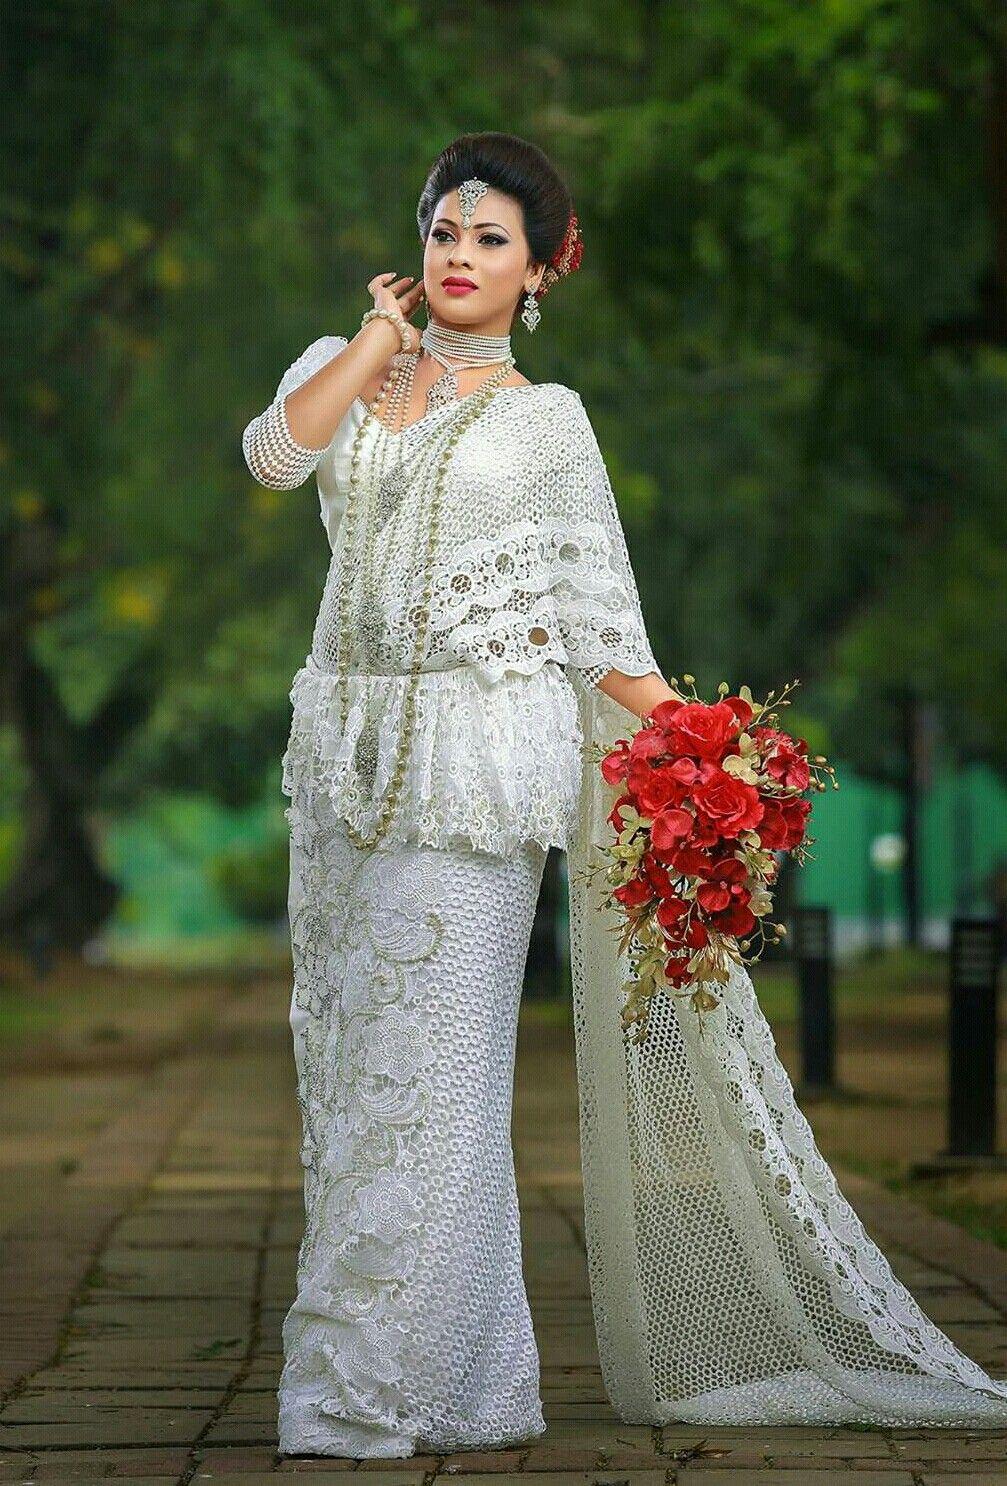 pin by yashodara rathnathilaka on kandyan brides